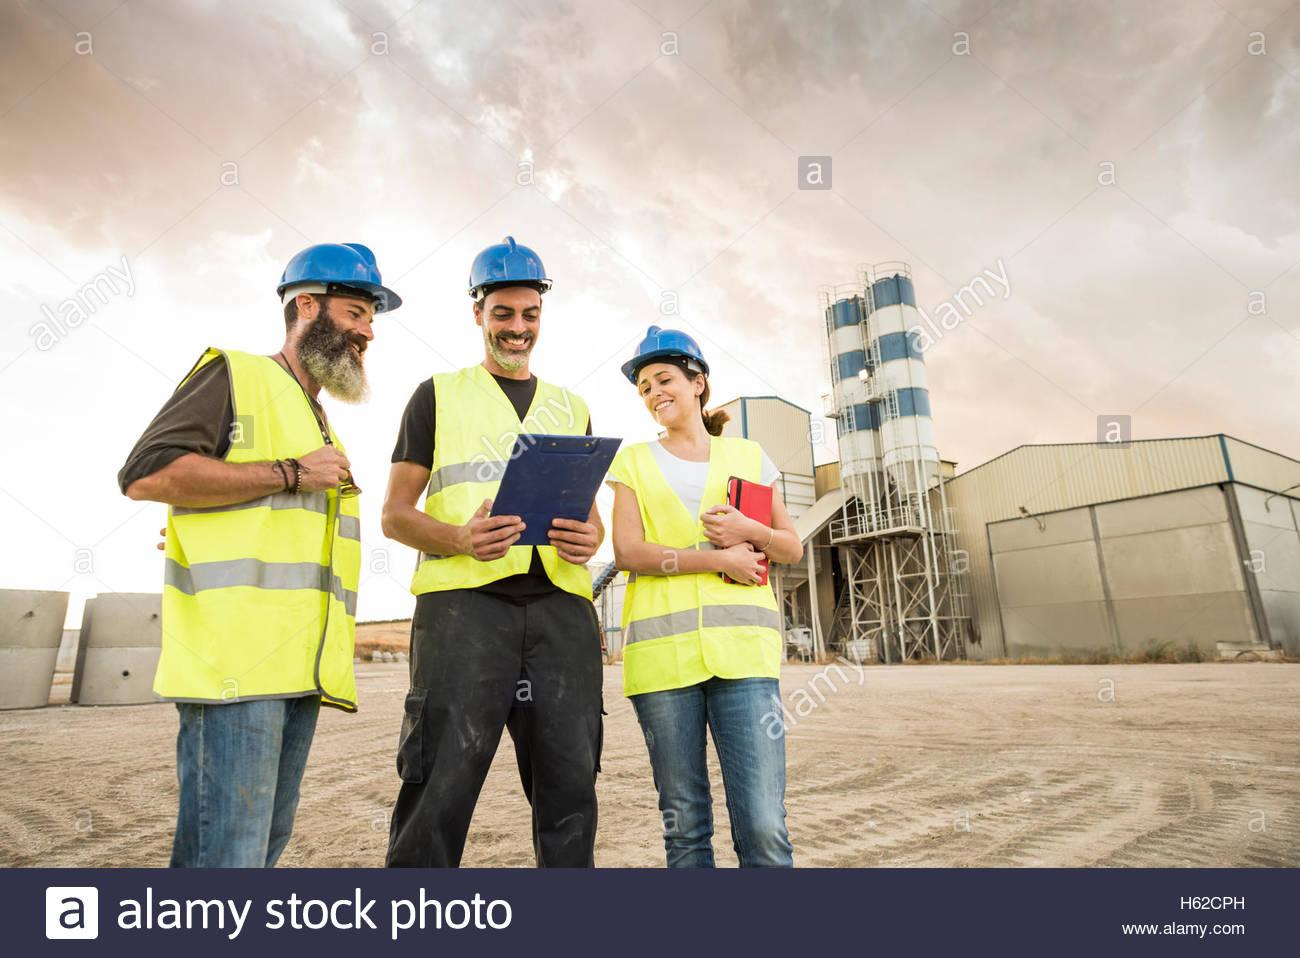 Tres personas en chalecos de seguridad en instalaciones industriales Imagen De Stock